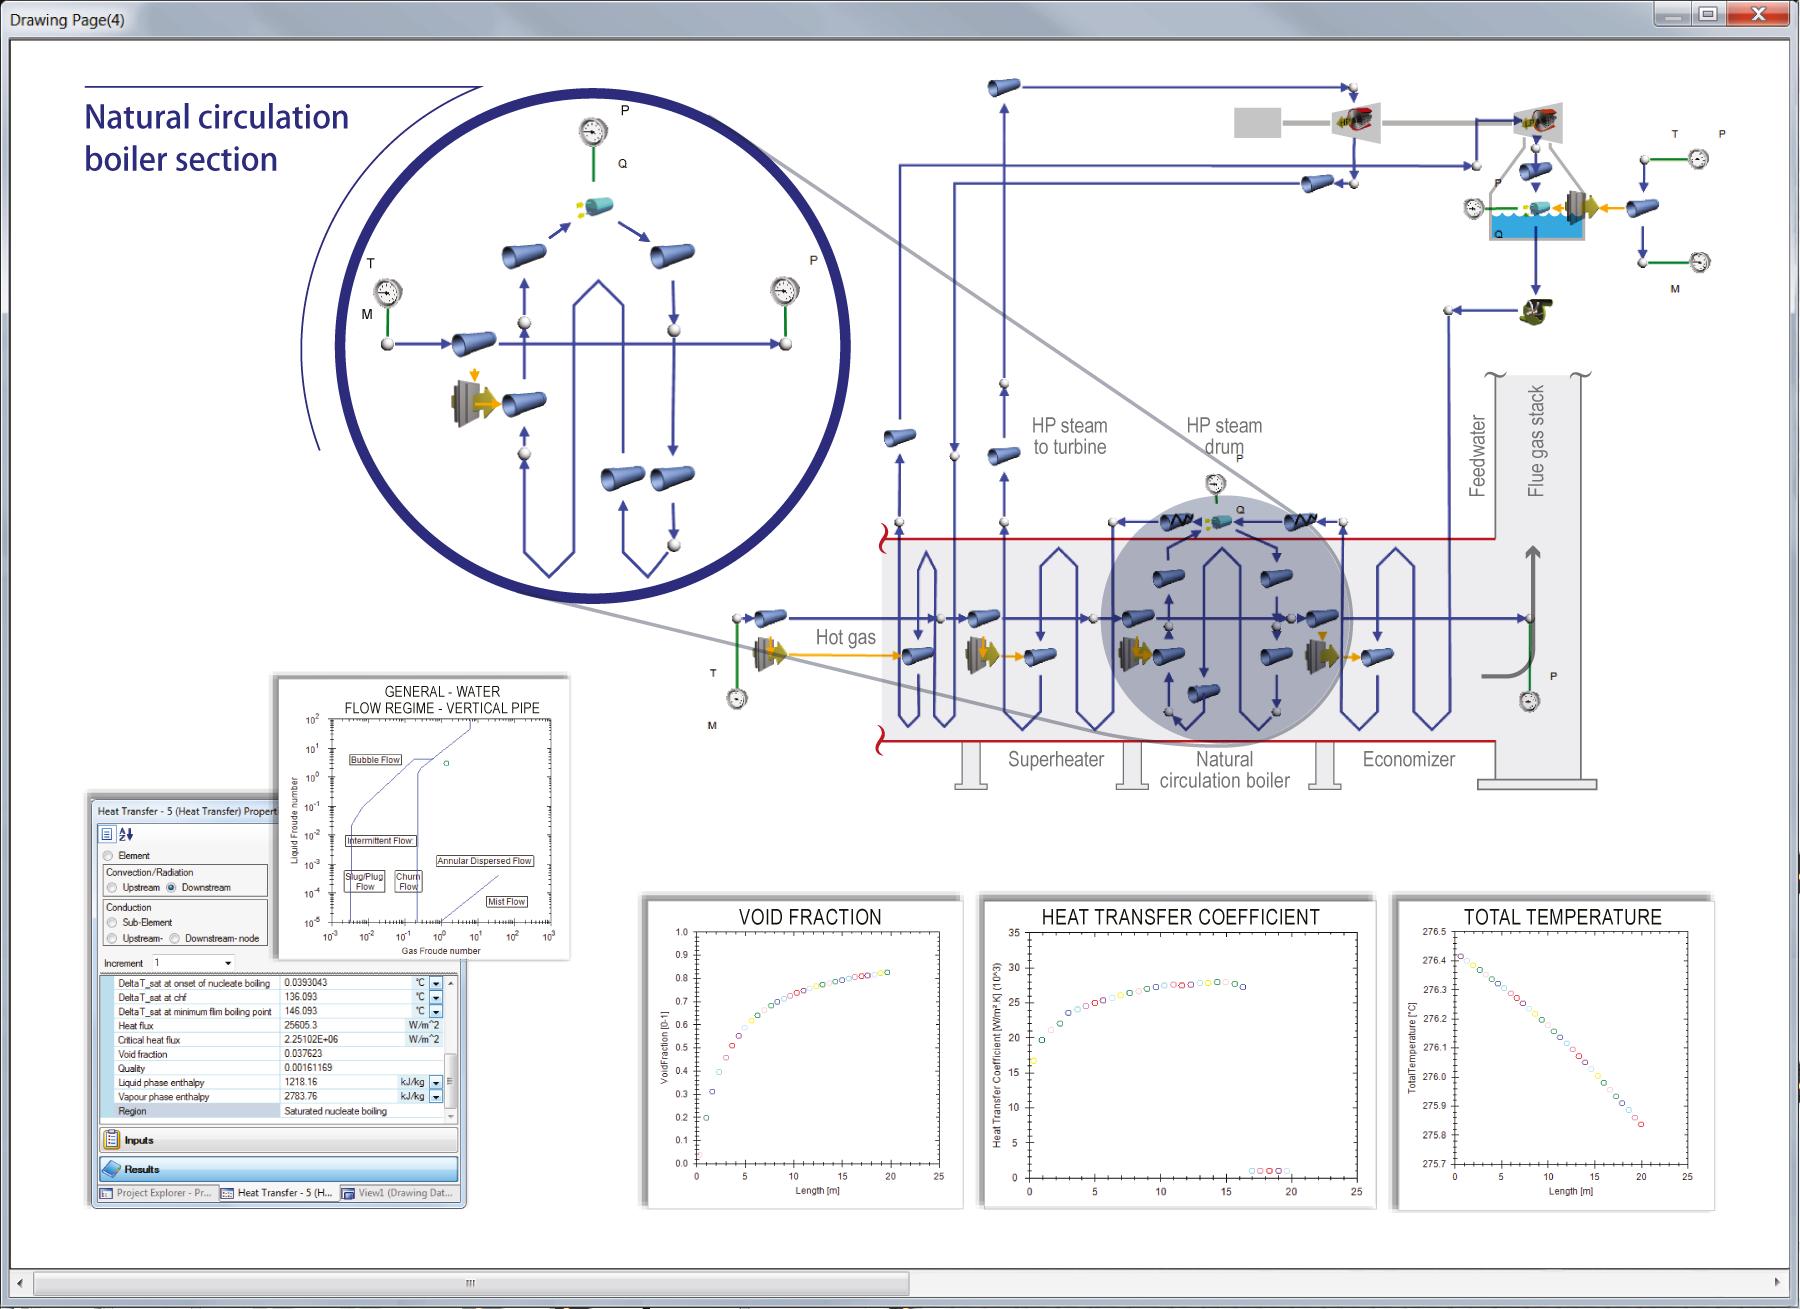 Netzwerkmodell eines Abhitzedampferzeugers in Flownex® erlaubt stationäre und transiente 1D-Simulation